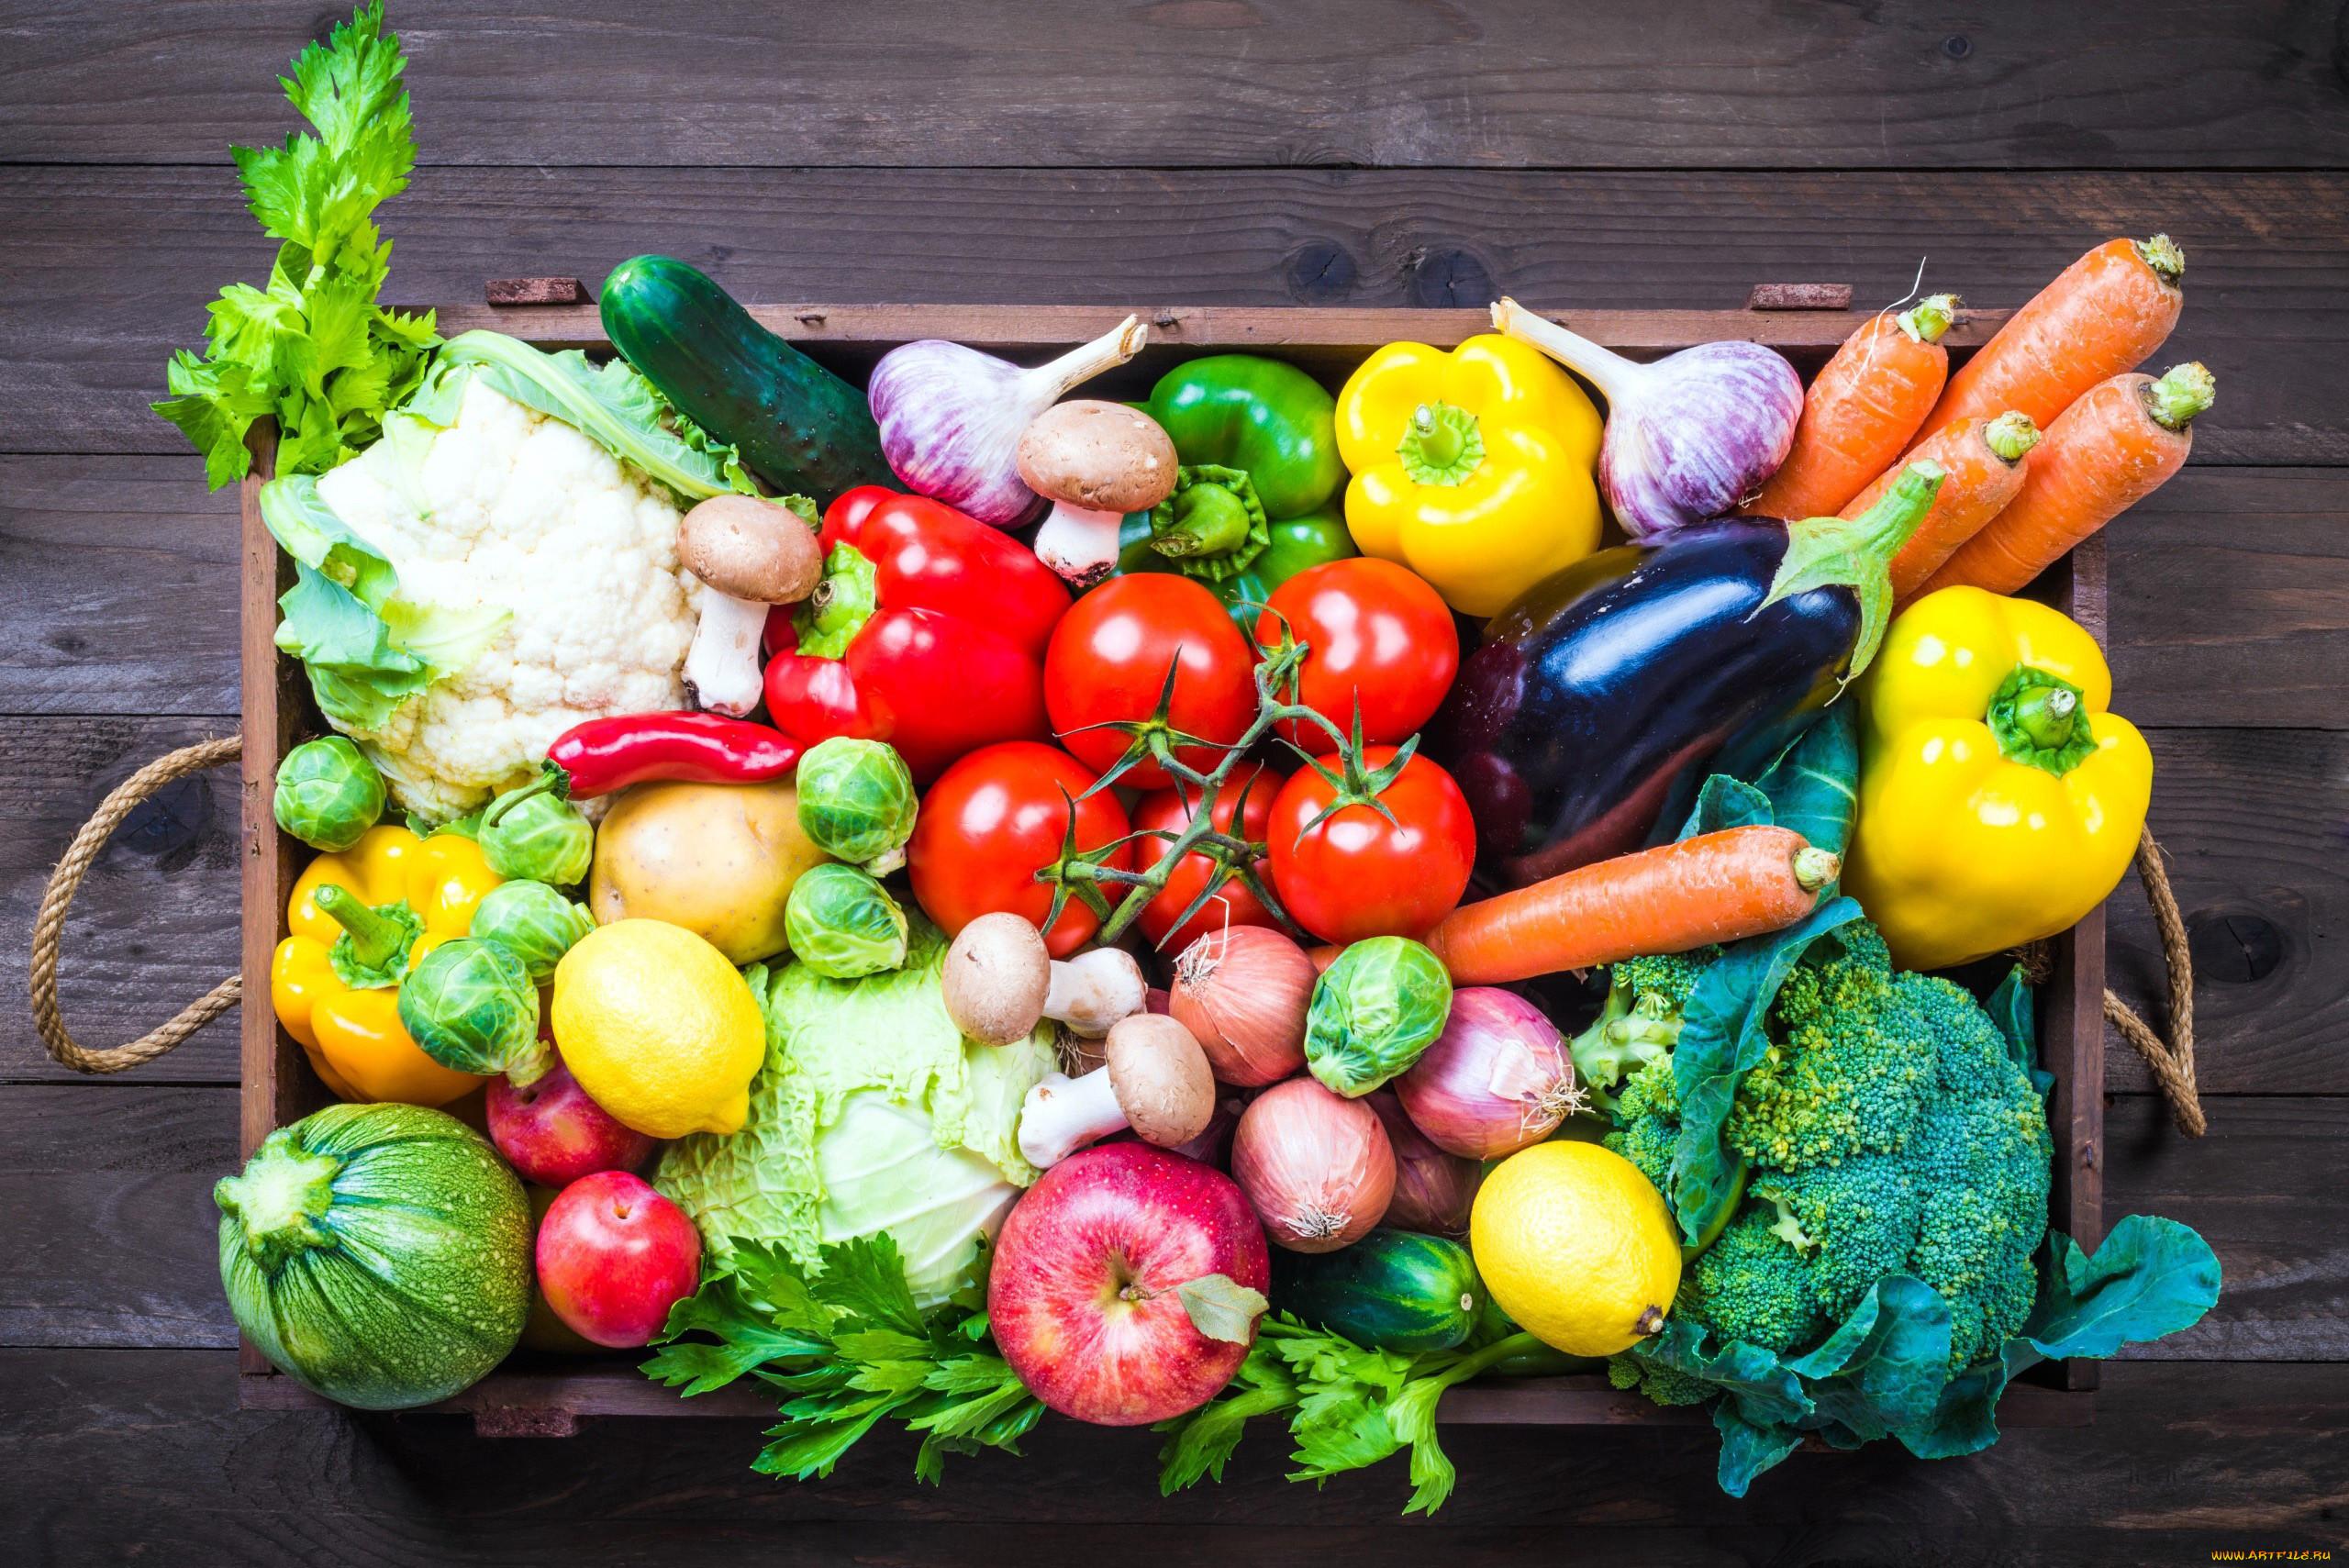 картинки еды овощи фрукты домашних животных, также